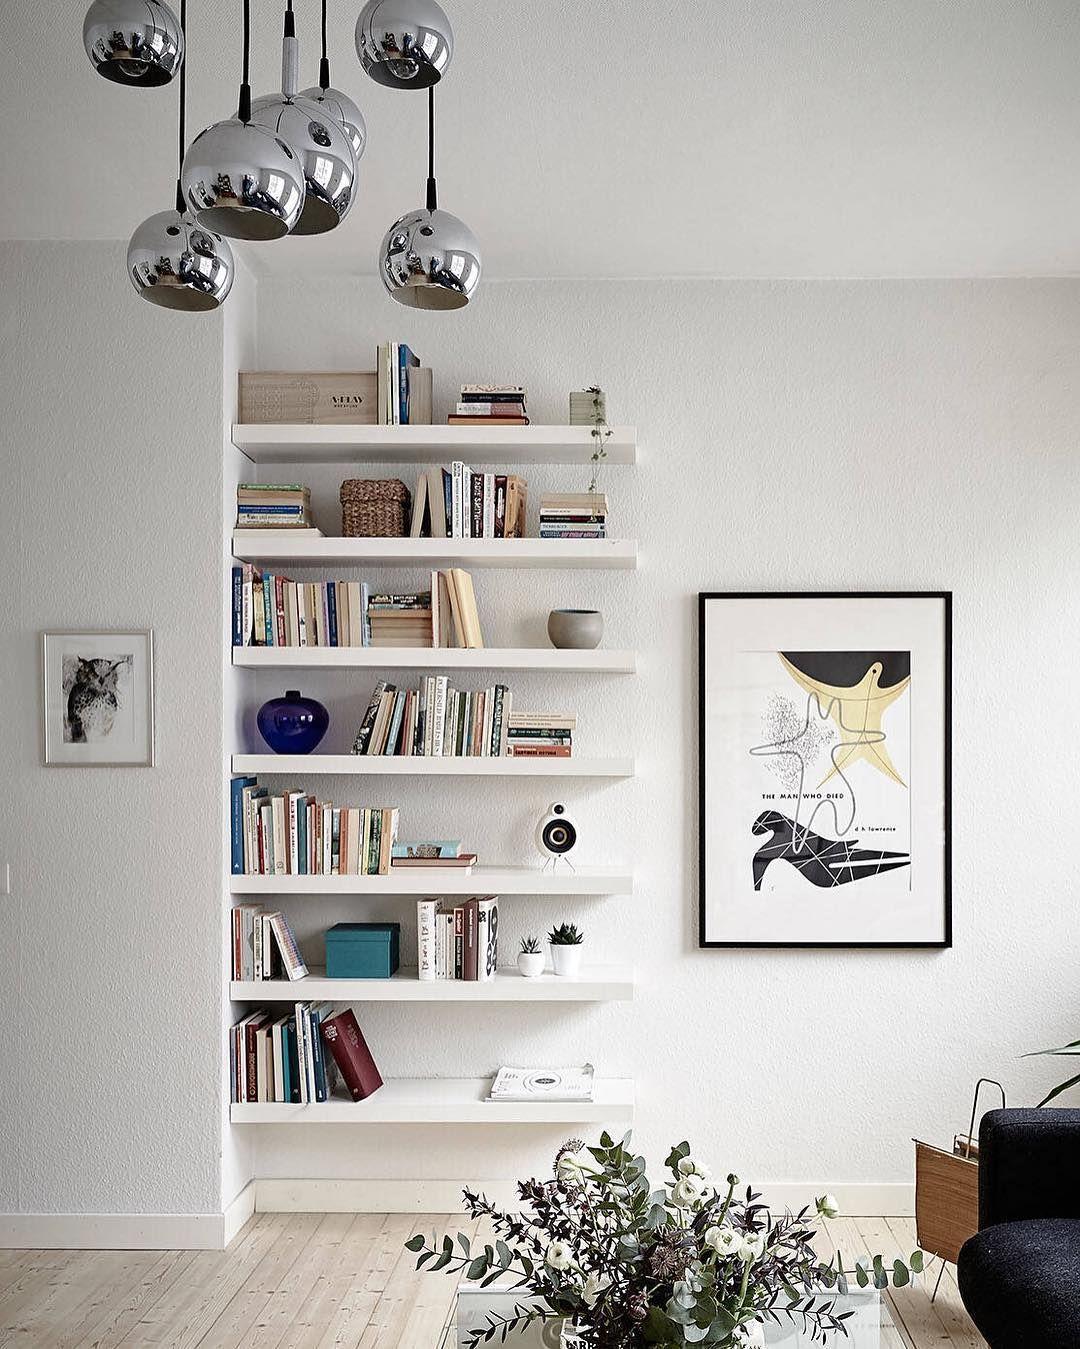 Wall To Wall Shelves bäckegatan 27 b | 3 rok, 73.0 kvm ljus och luftig trea med